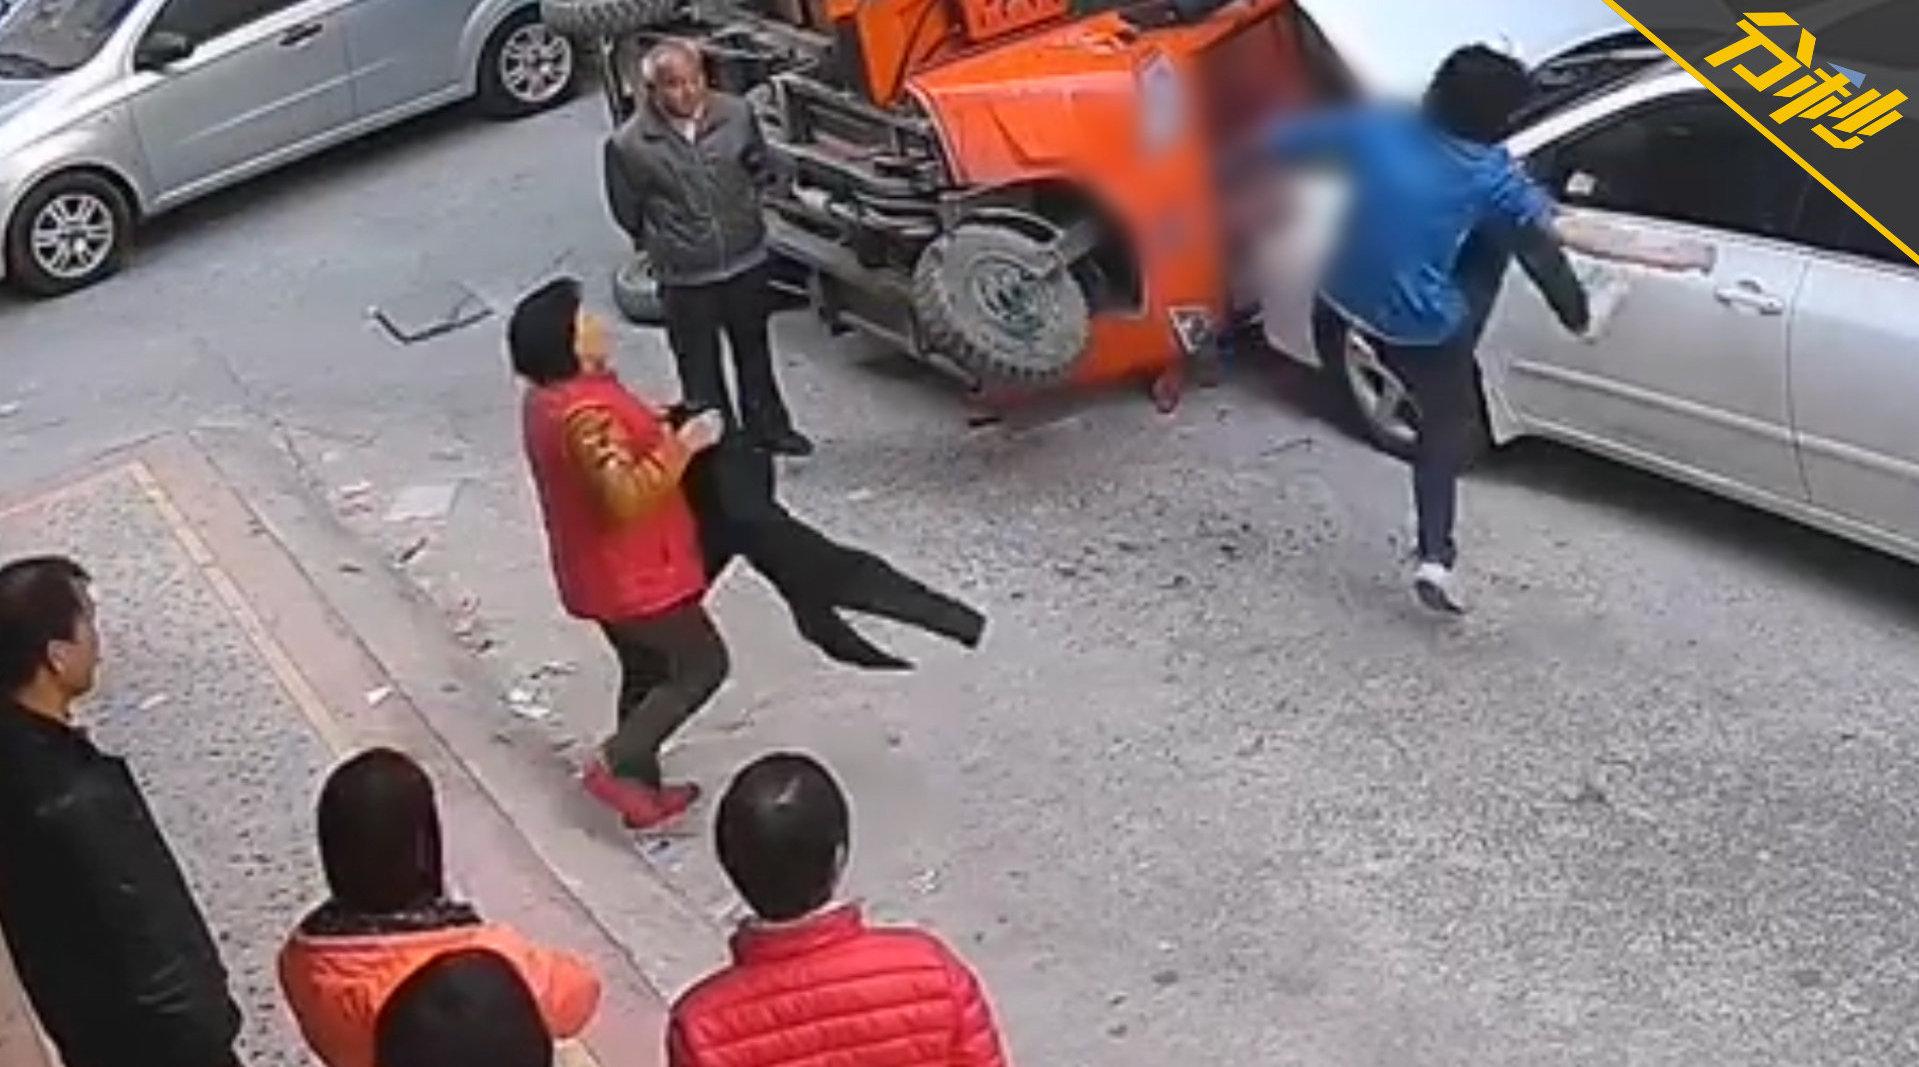 惠州一男子疑似精神病,动手伤人打砸车辆已被拘留